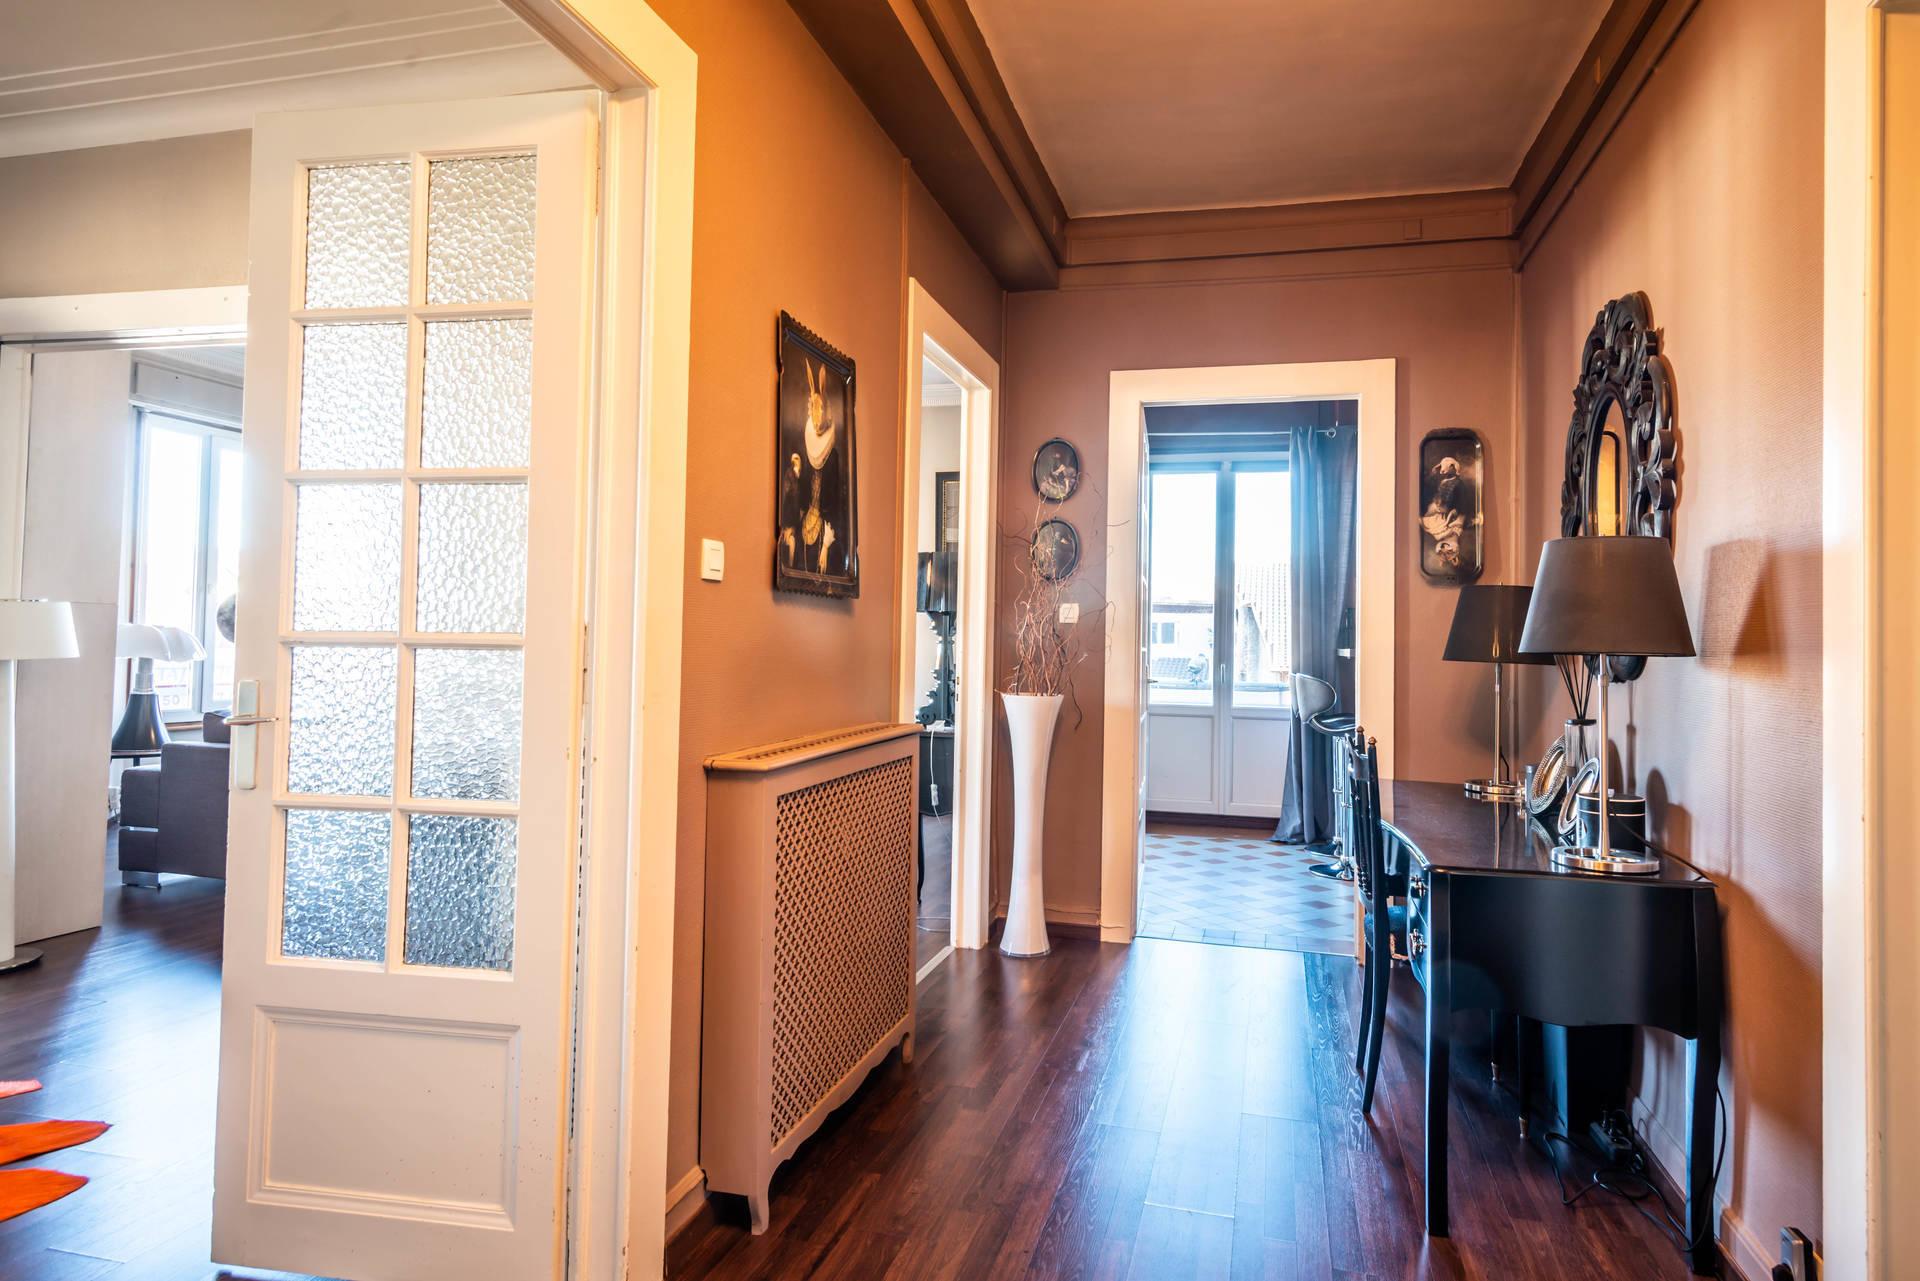 Vente Appartement 3 Pieces 113 M A Thonon Les Bains 74200 Centre